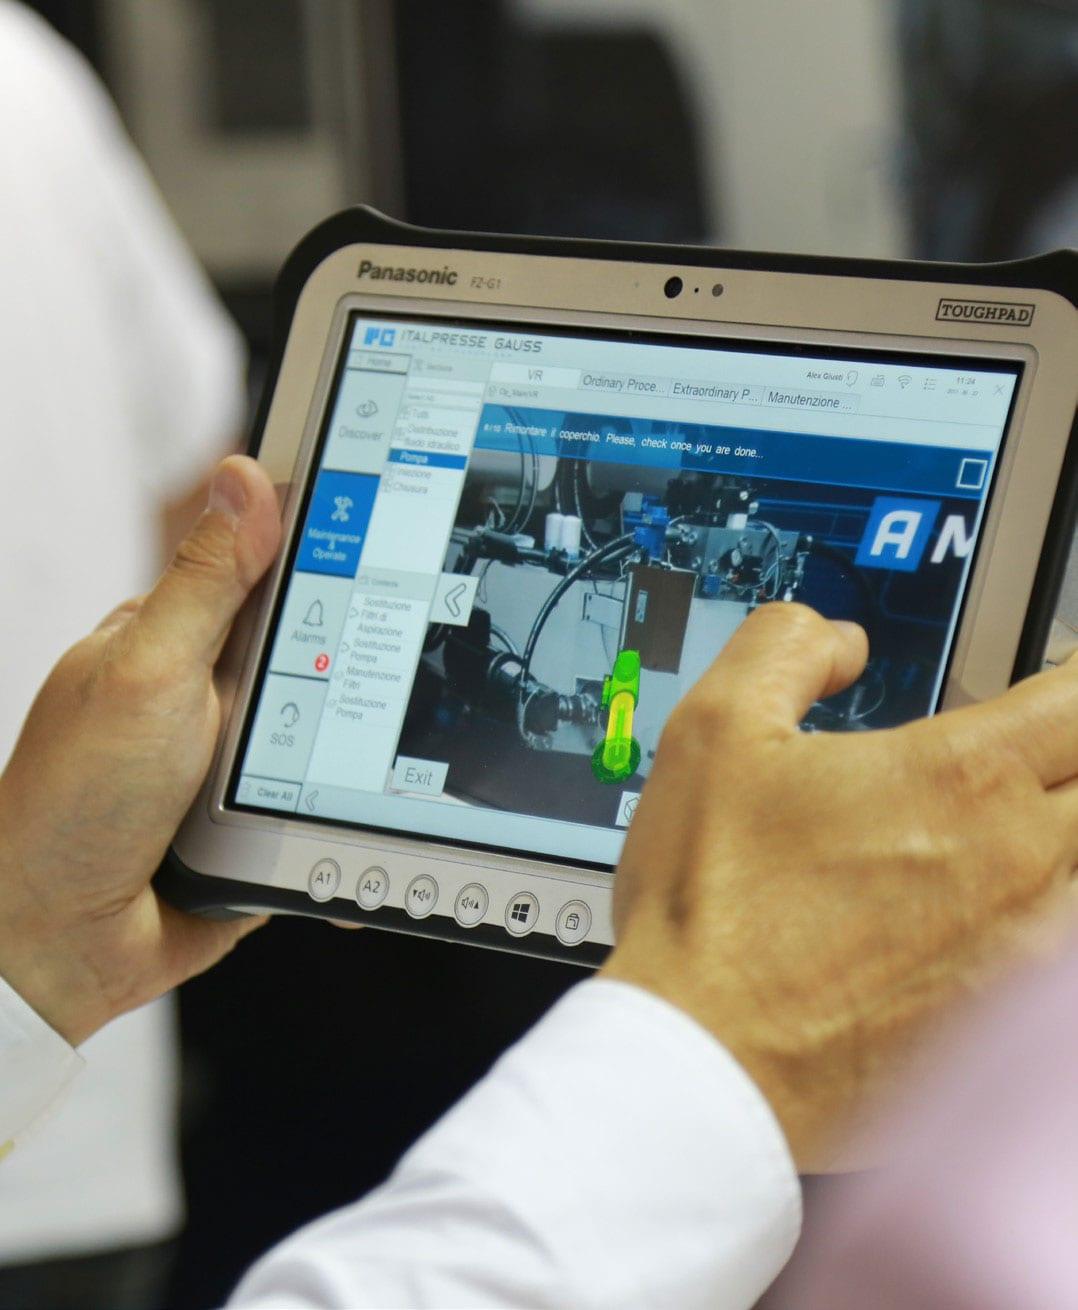 Italpresse Gauss Customer Story Tablet